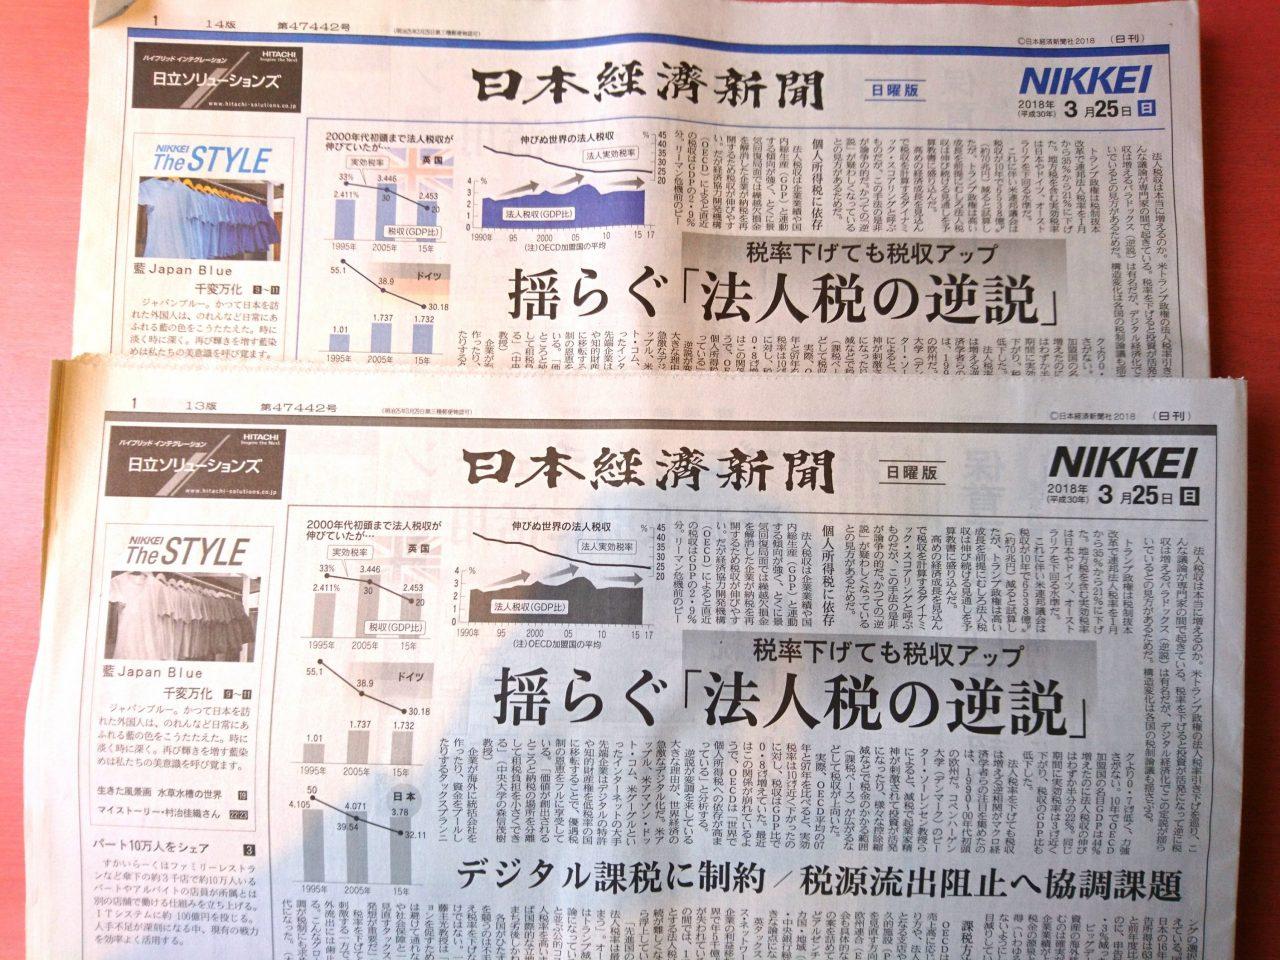 【新聞版数面建て調査】2018.3.25朝刊(6)日本経済新聞